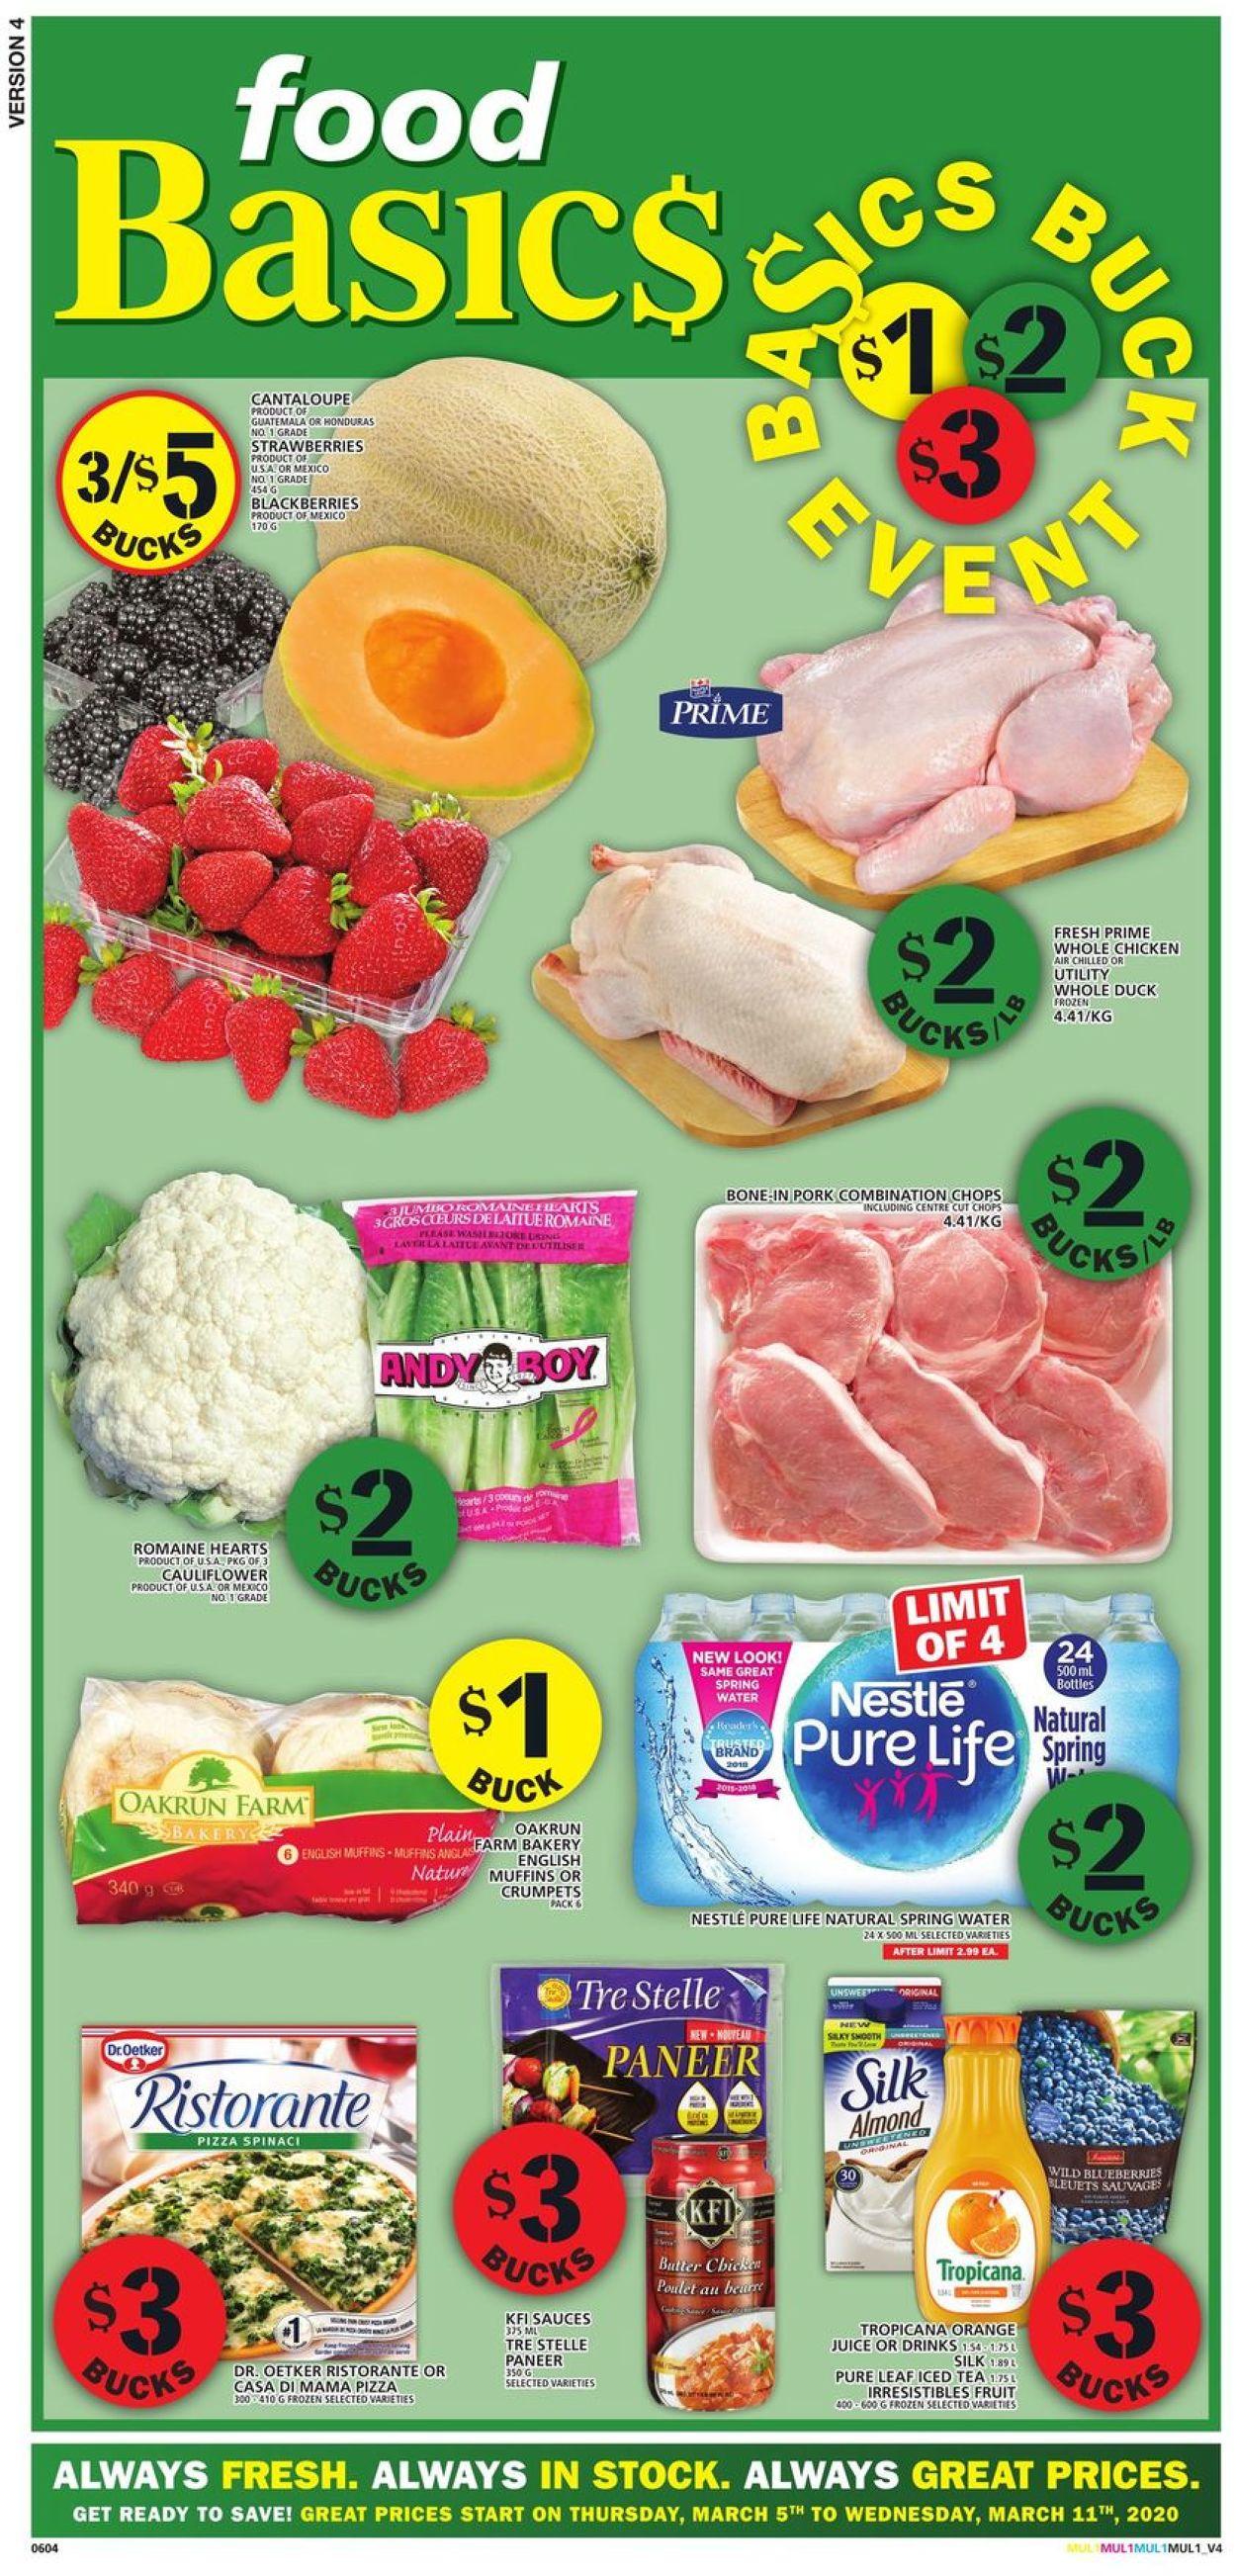 Food Basics Flyer - 03/05-03/11/2020